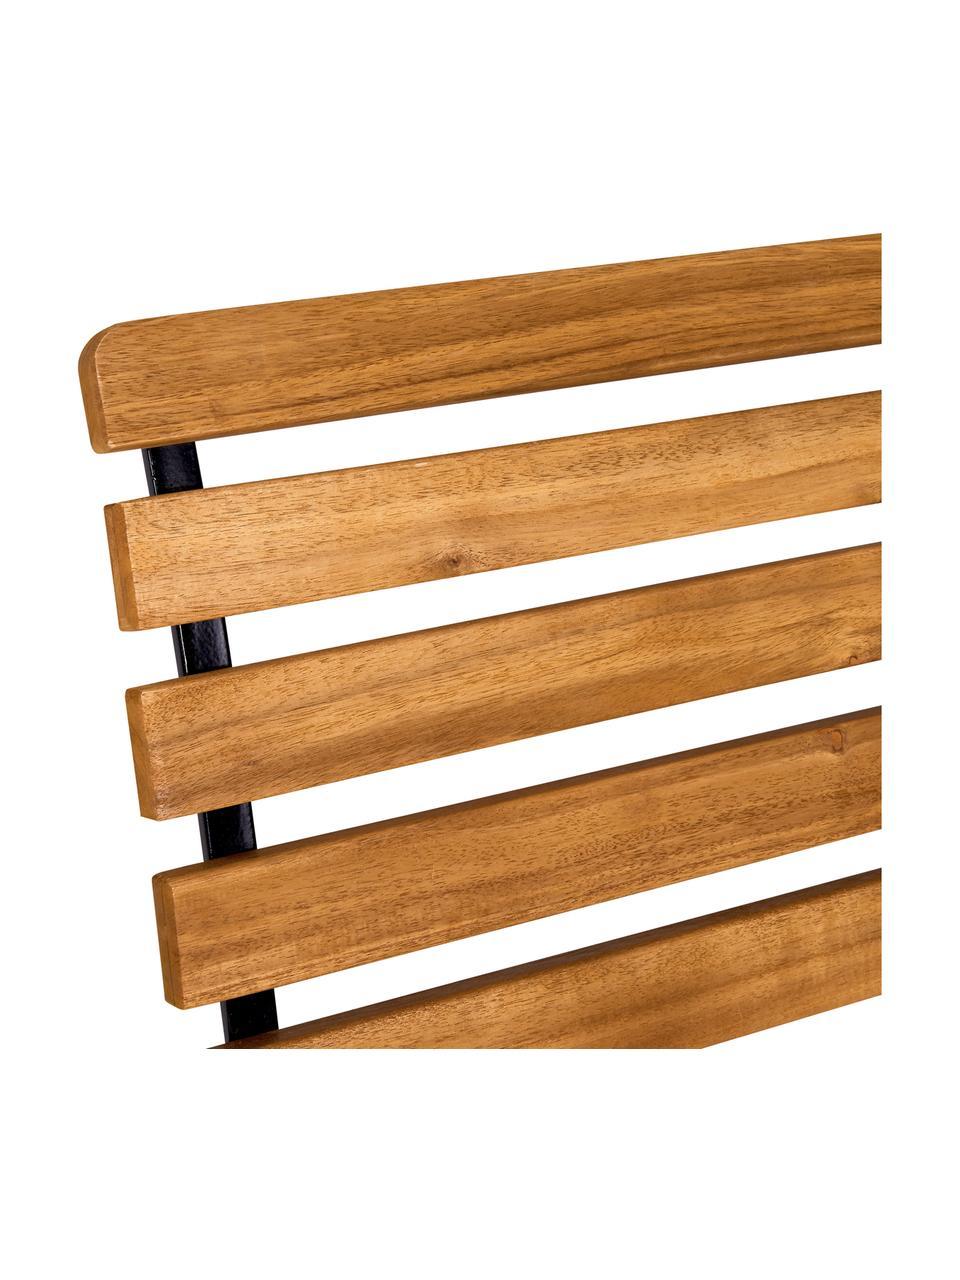 Garten-Klappbank Parklife mit Armlehnen, Sitzfläche: Akazienholz, geölt,, Gestell: Metall, verzinkt, pulverb, Schwarz, Akazienholz, B 111 x T 59 cm